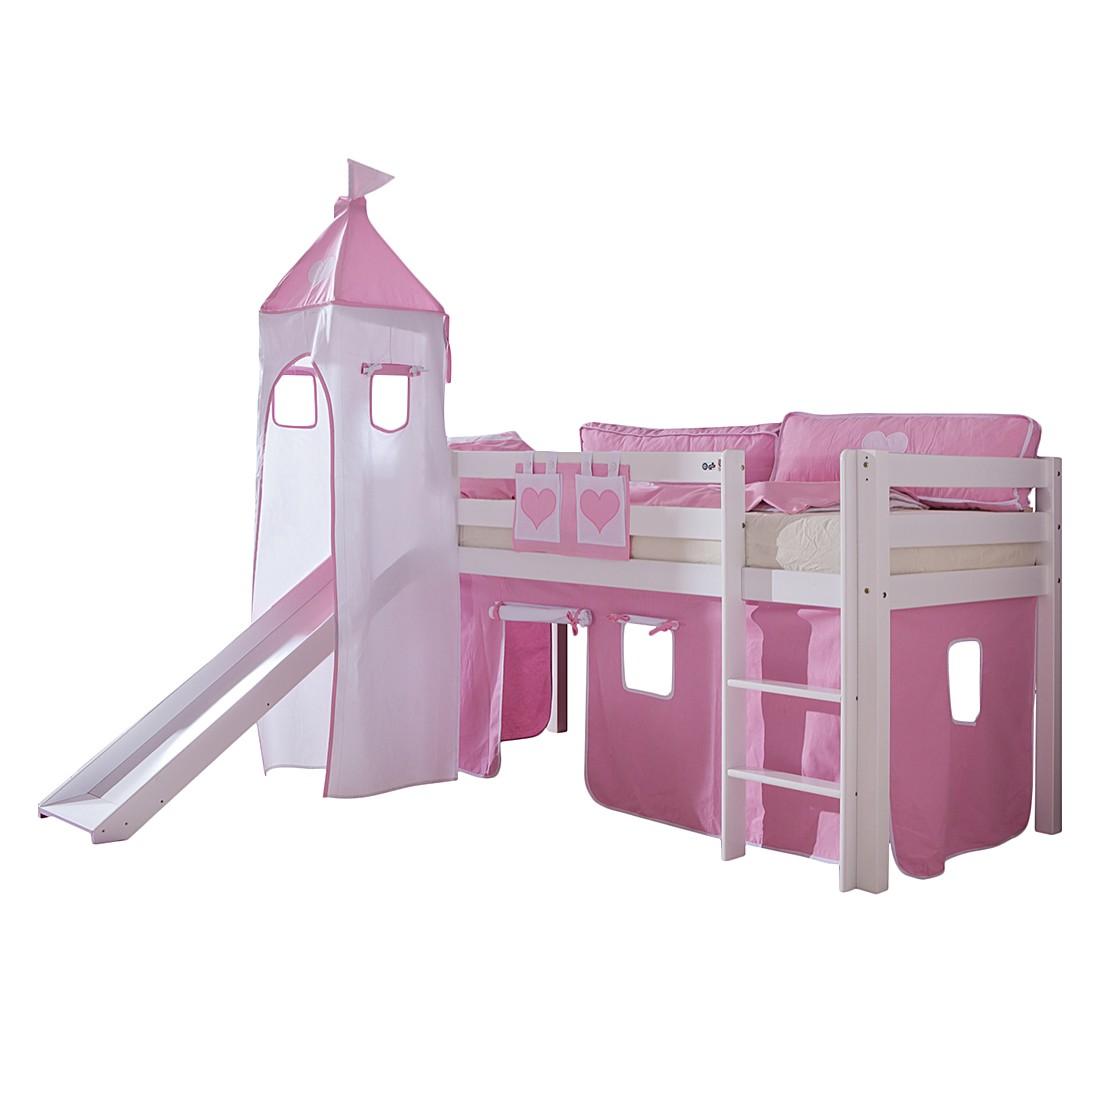 Spielbett Alex - mit Rutsche, Vorhang, Turm und Tasche - Buche weiß/Textil rosa-weiß-herz, Relita